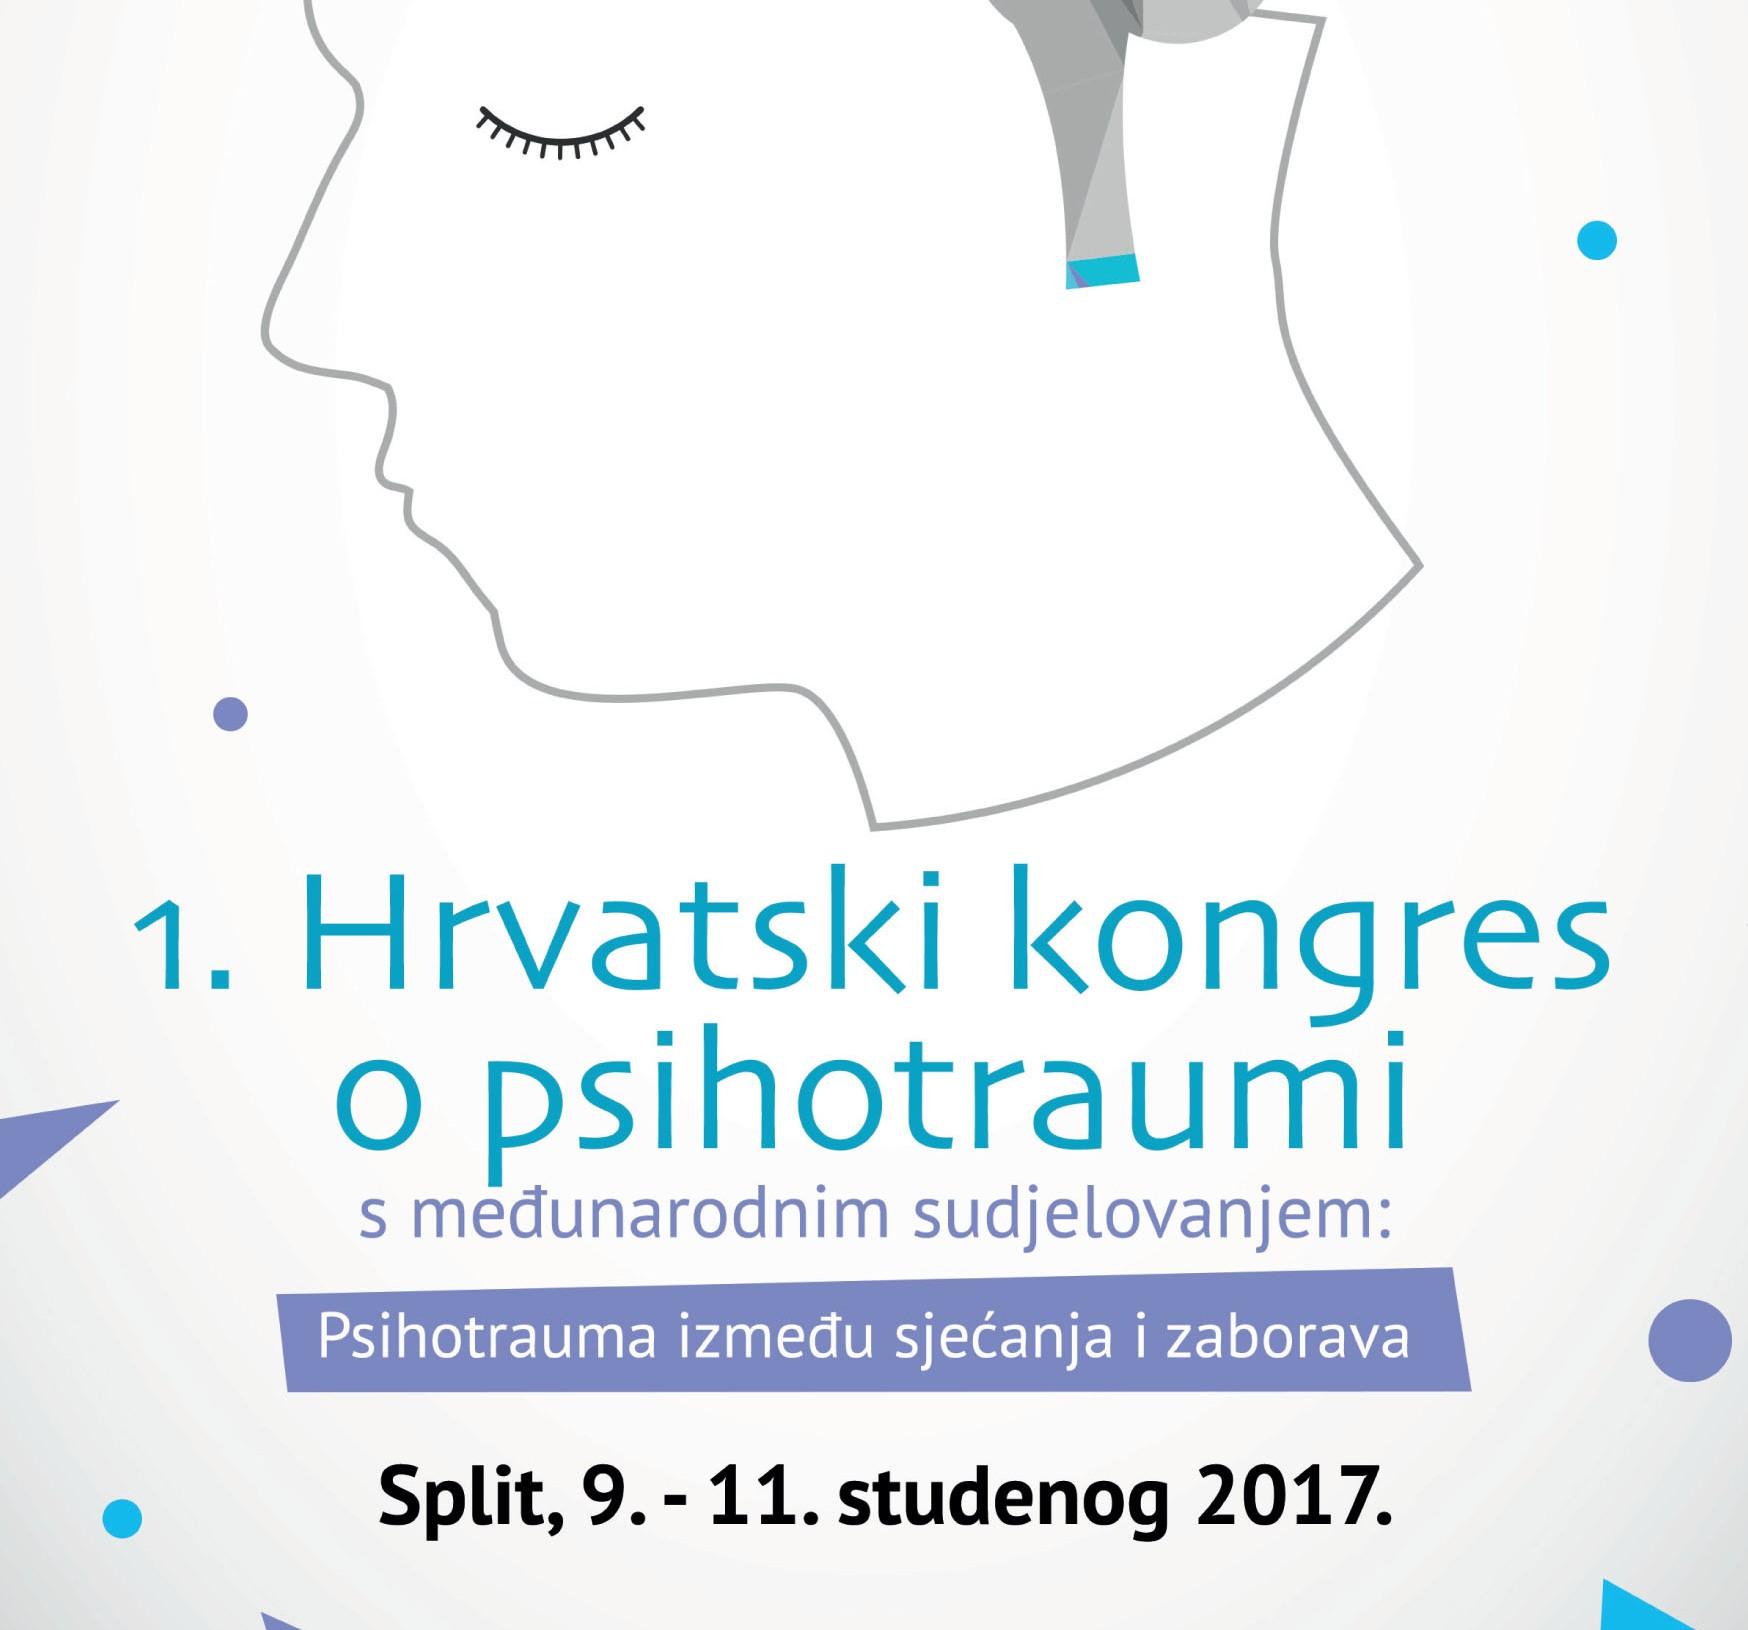 1. HRVATSKI KONGRES O PSIHOTRAUMI: Psihotrauma između sjećanja i zaborava, Split, 9.-11. studenog 2017.